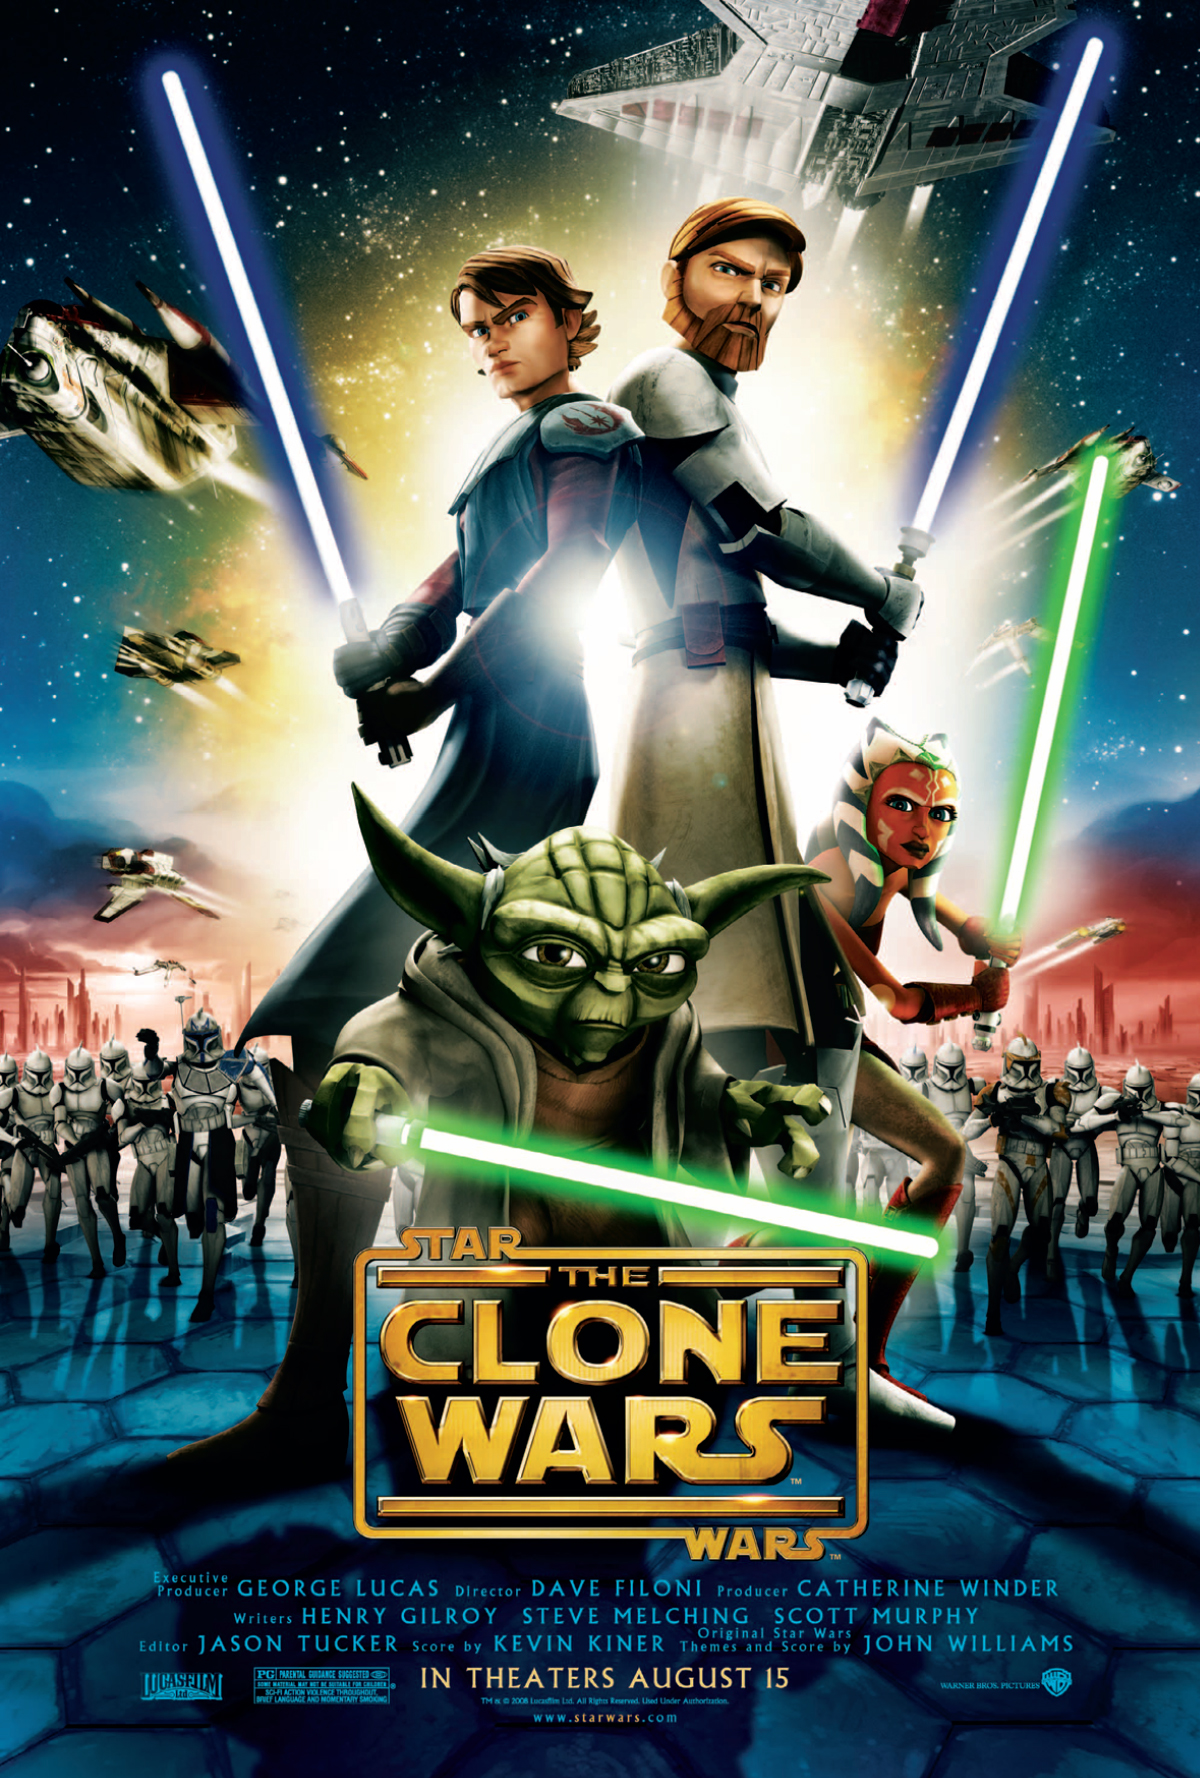 A Lei É Para Todos Filme Completo Dublado star wars: the clone wars (filme)  star wars wiki em